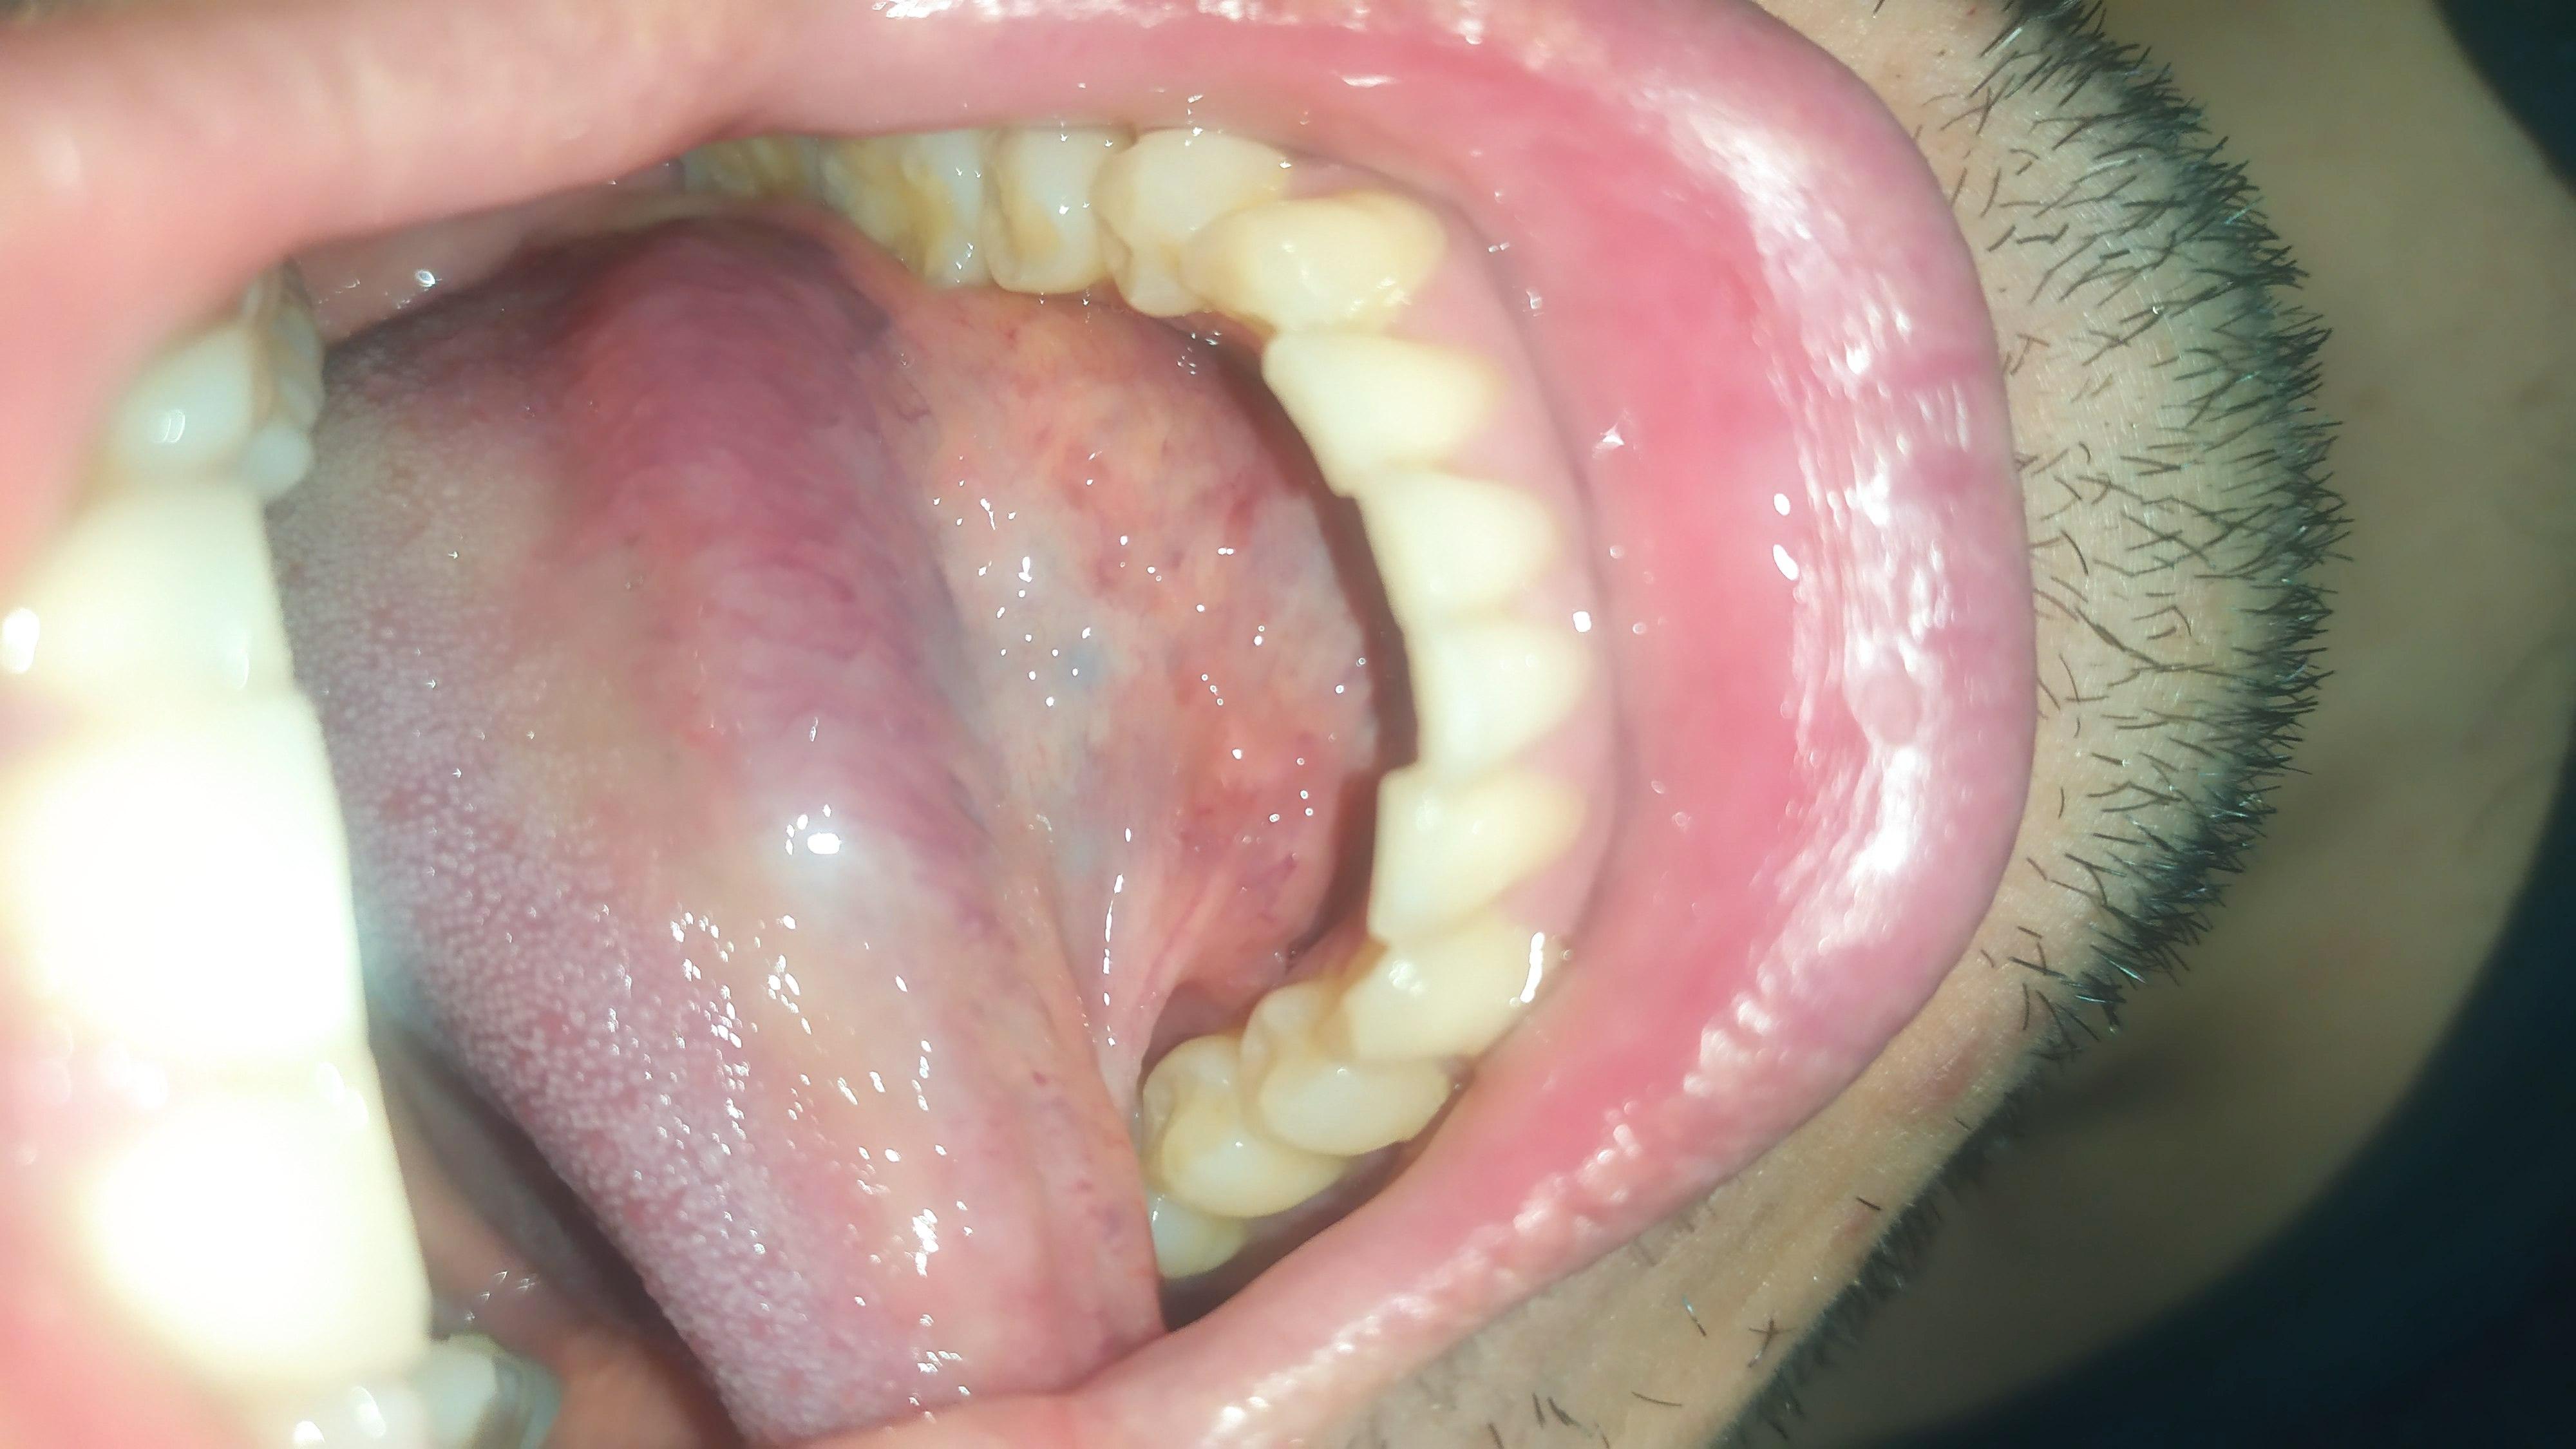 Dopo tardiva rimozione delle tonsille ho continuato ad avere senso di corpo estraneo e difficoltà a deglutire.